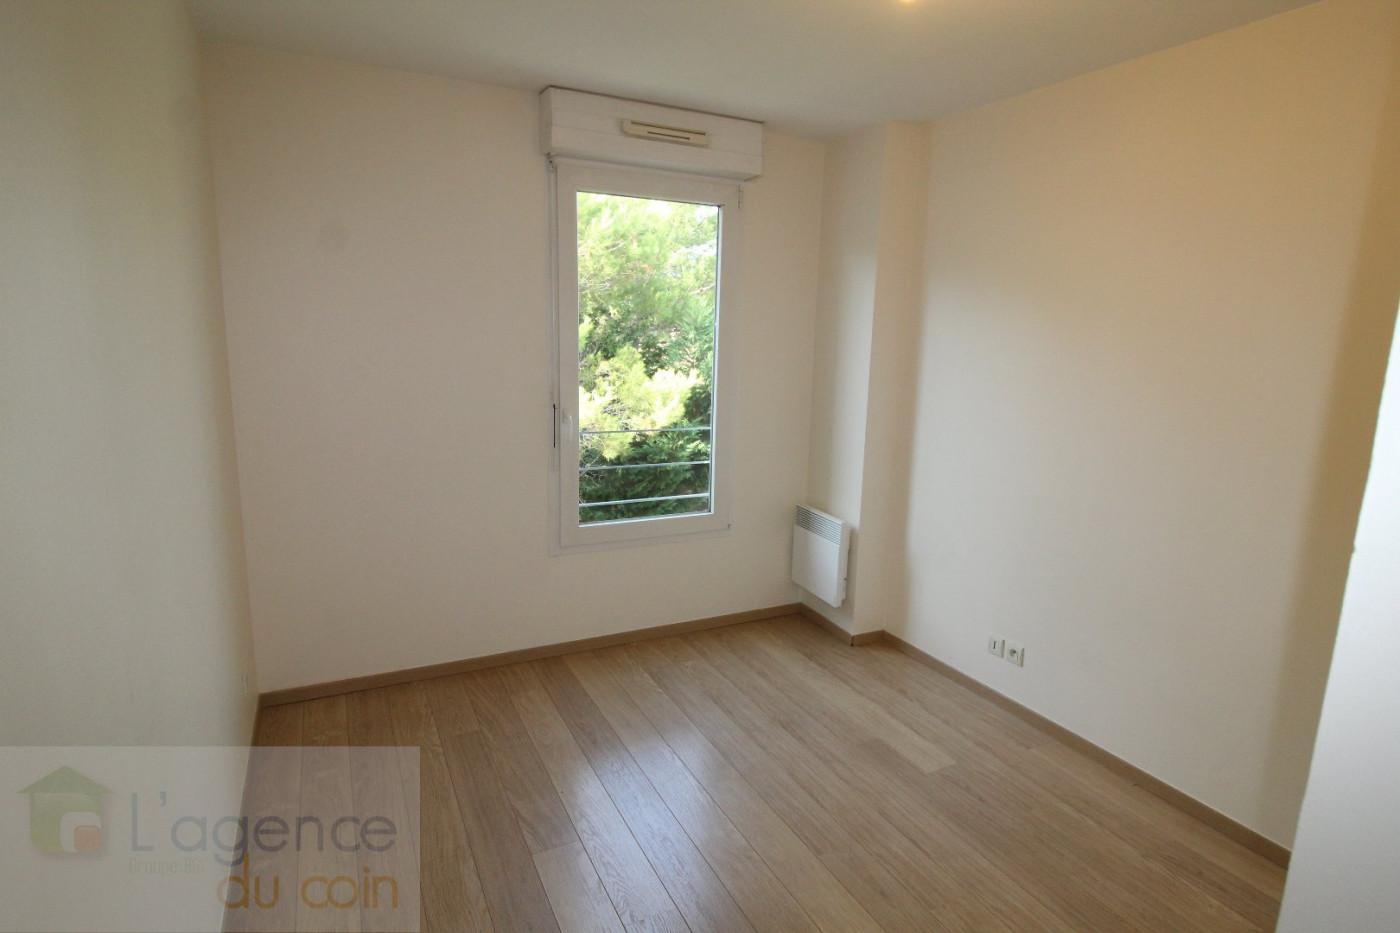 A vendre  Montpellier   Réf 3445315119 - Agence du coin